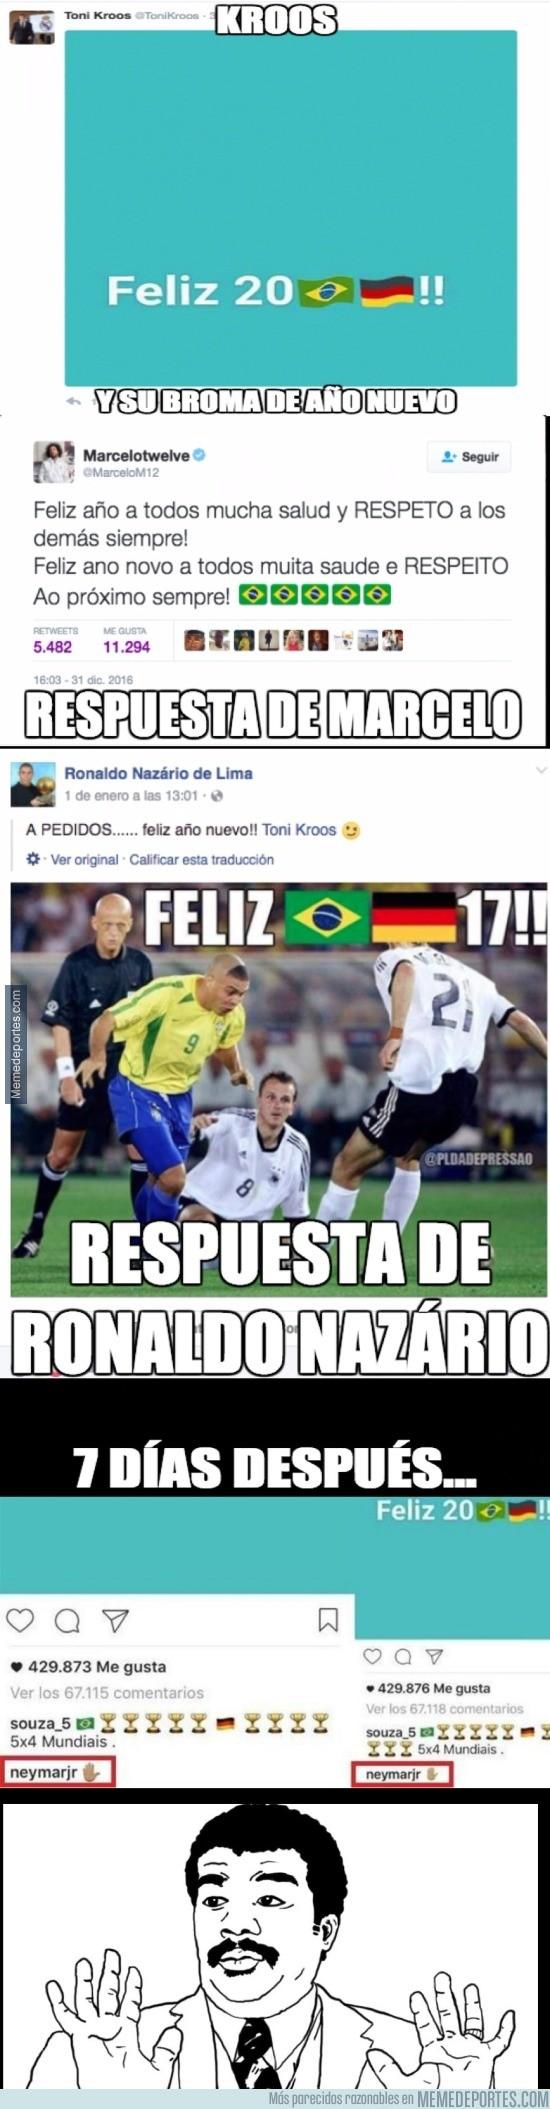 937608 - Neymar también responde a Kroos tras su felicitación de Año Nuevo